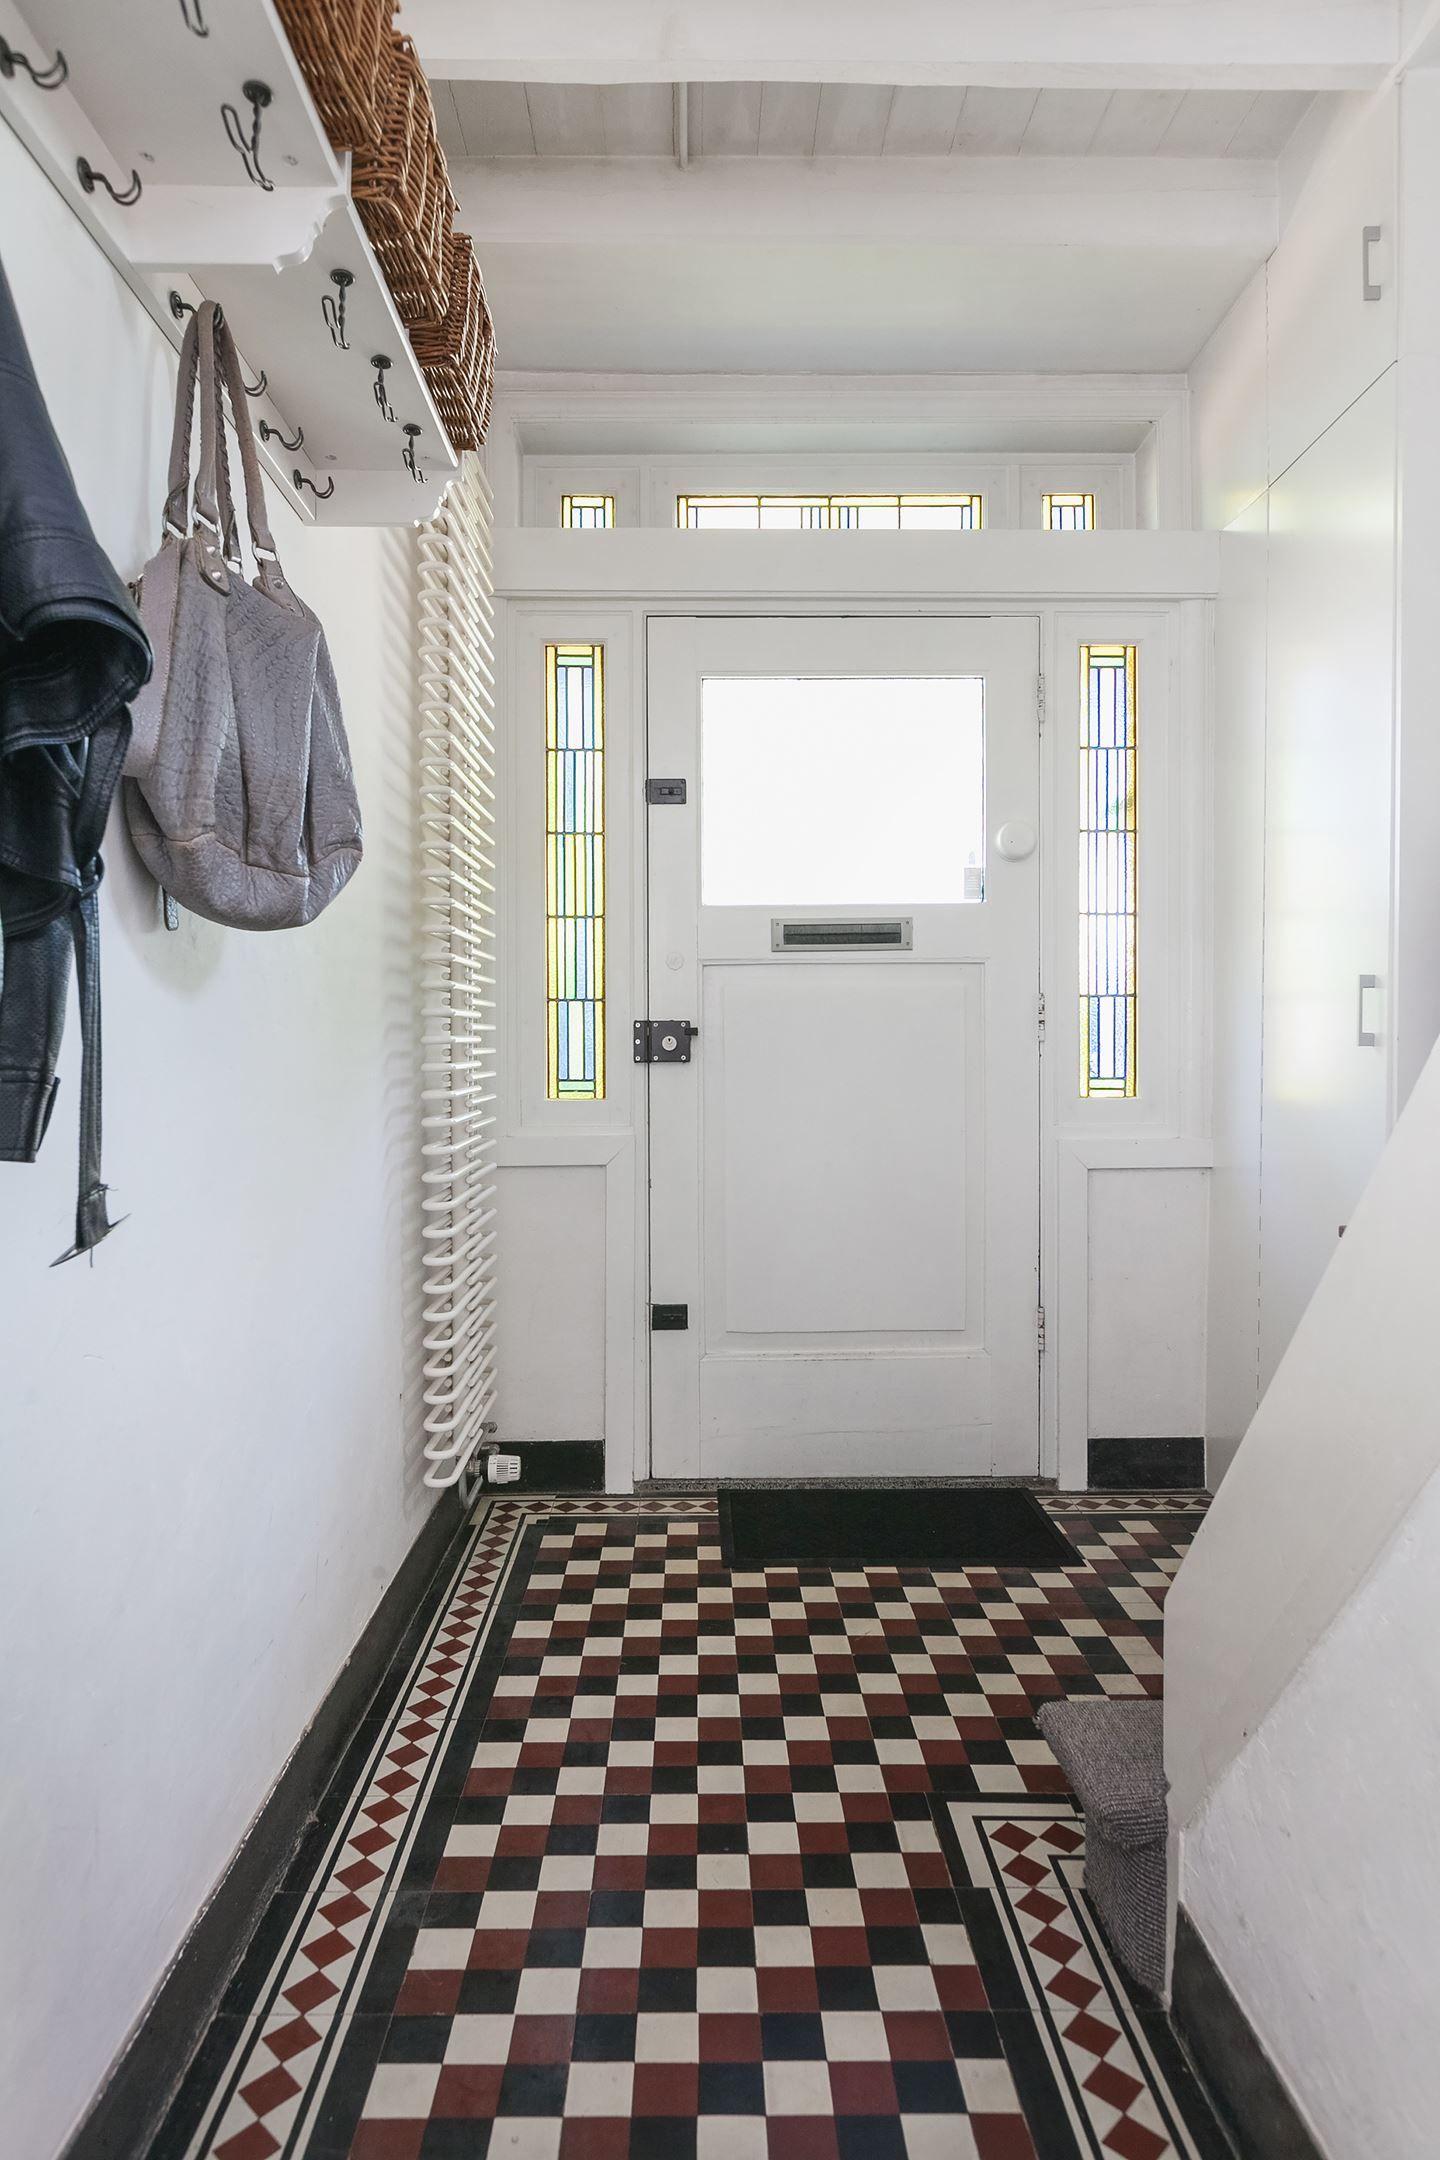 Sijtlvolle hal met tegelvloer in for Jaren 30 interieur